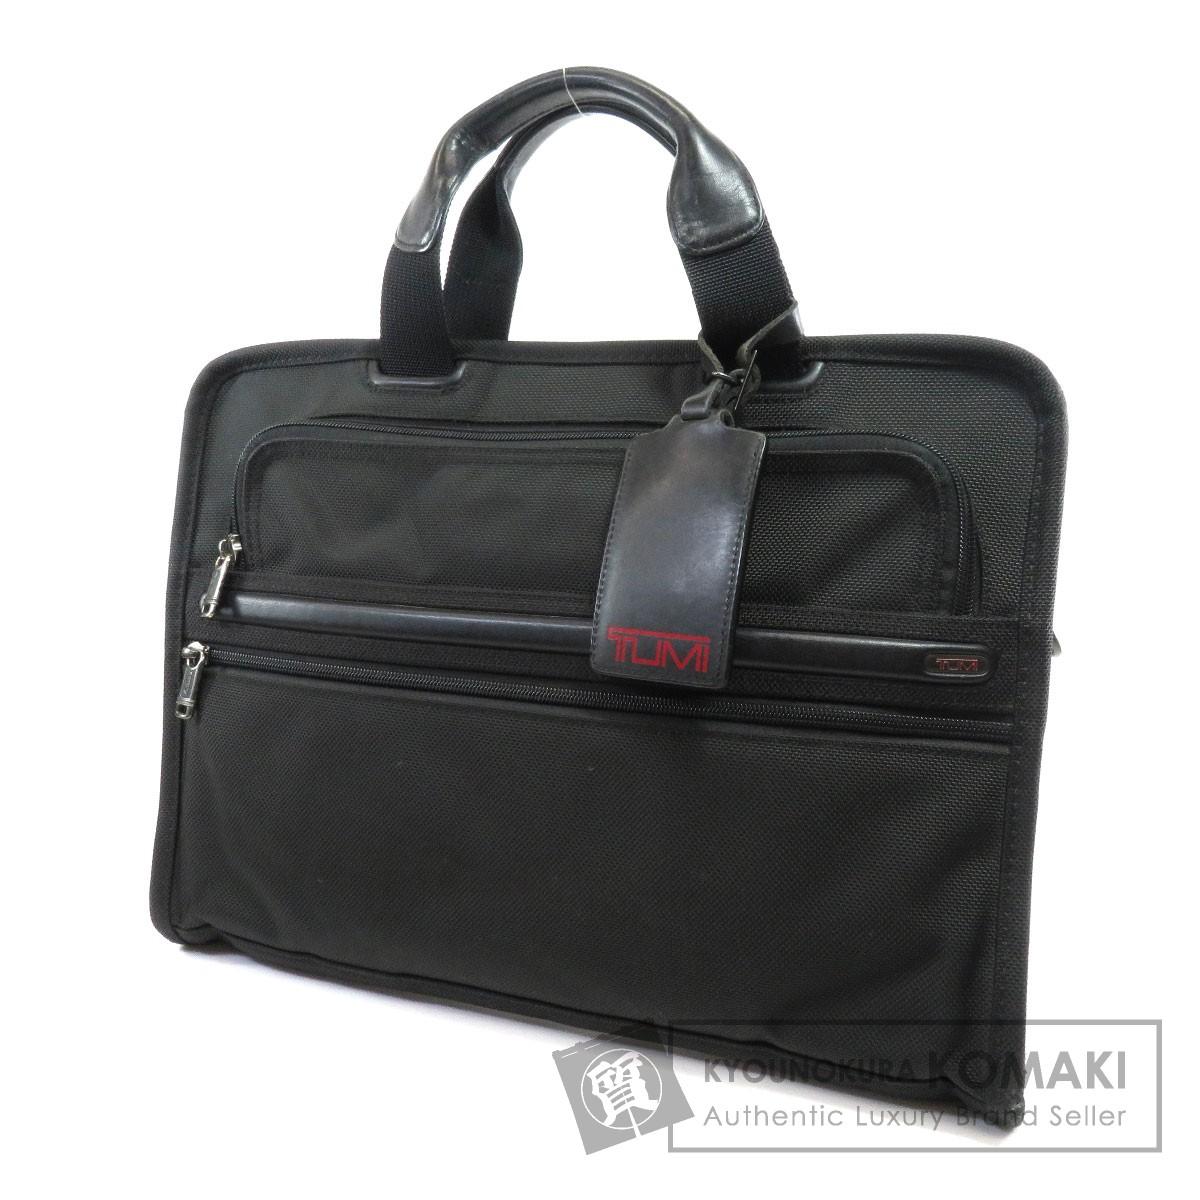 TUMI 26101D4 ハンドバッグ ビジネスバッグ バリスティックナイロン メンズ 【中古】【トゥミ】